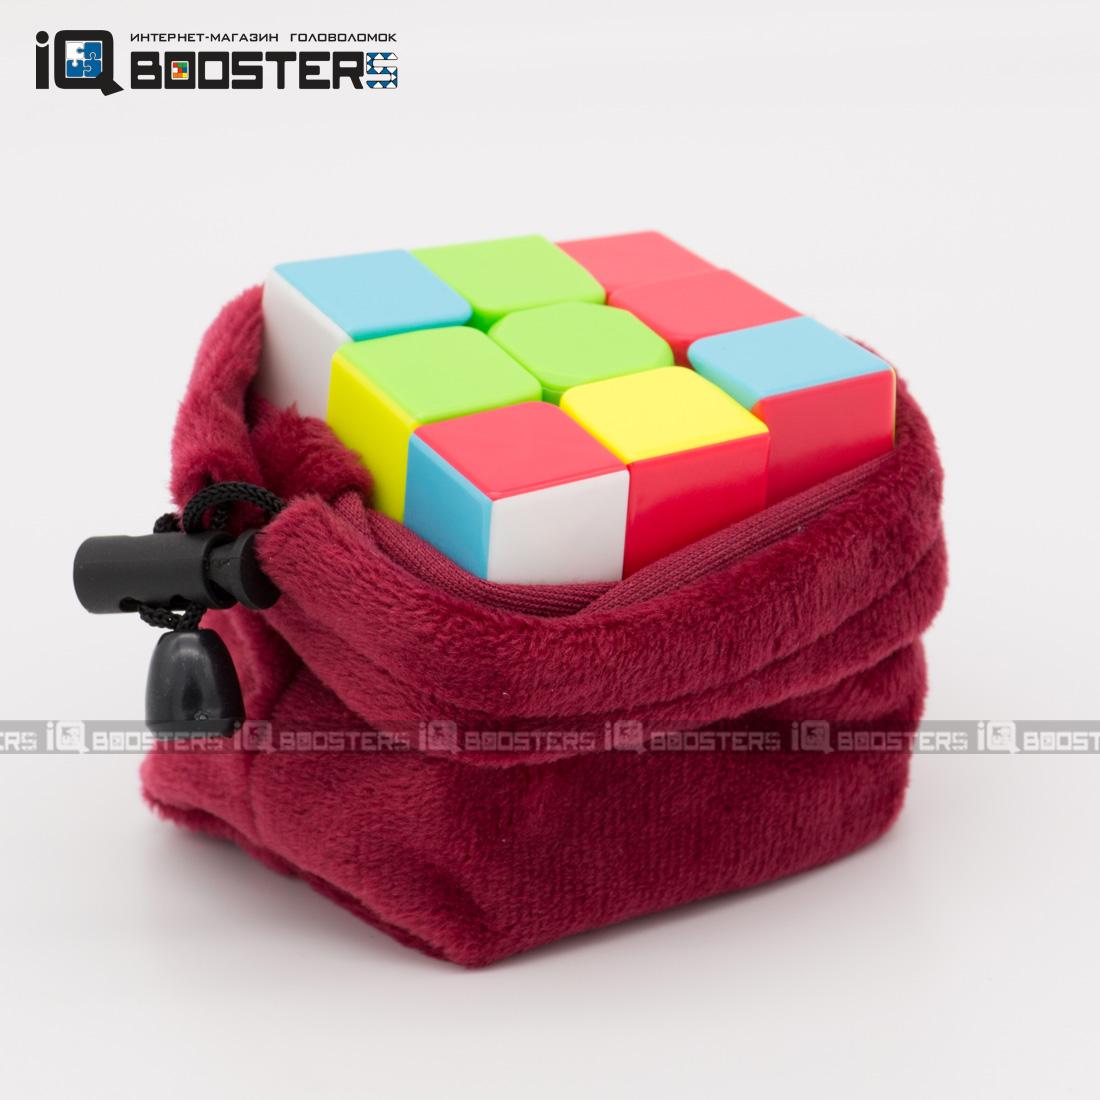 soft_bag_r2